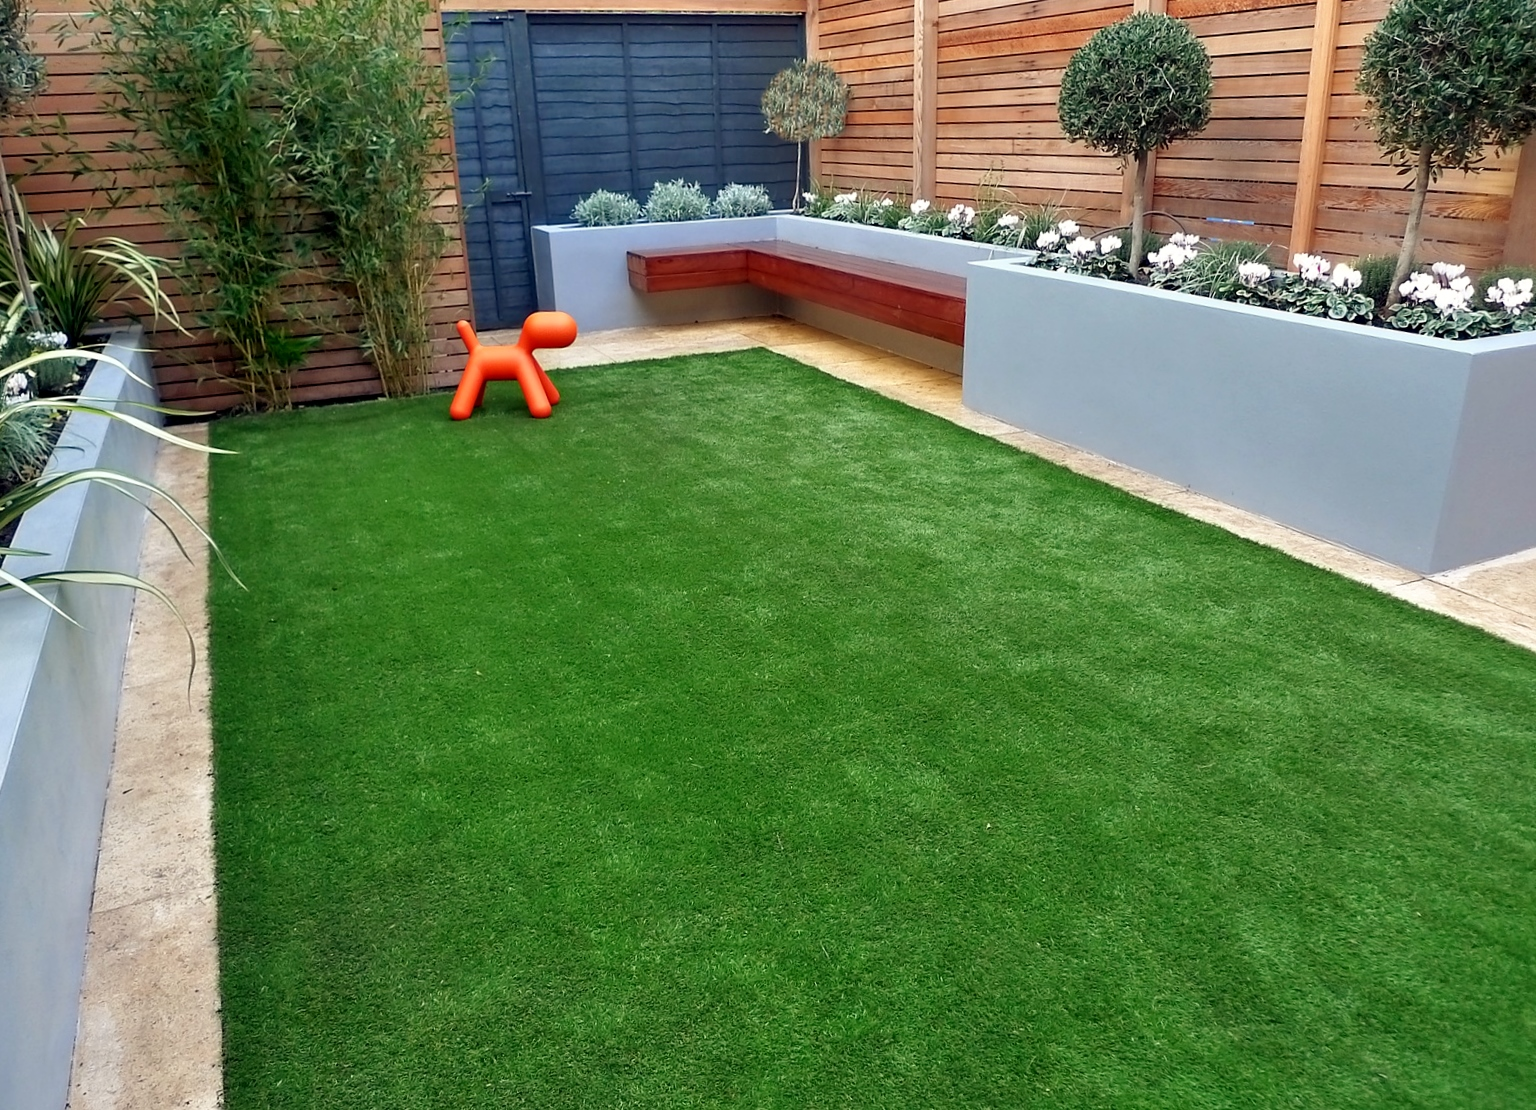 Modern Garden Design Artificial Grass Raised Beds Cedar